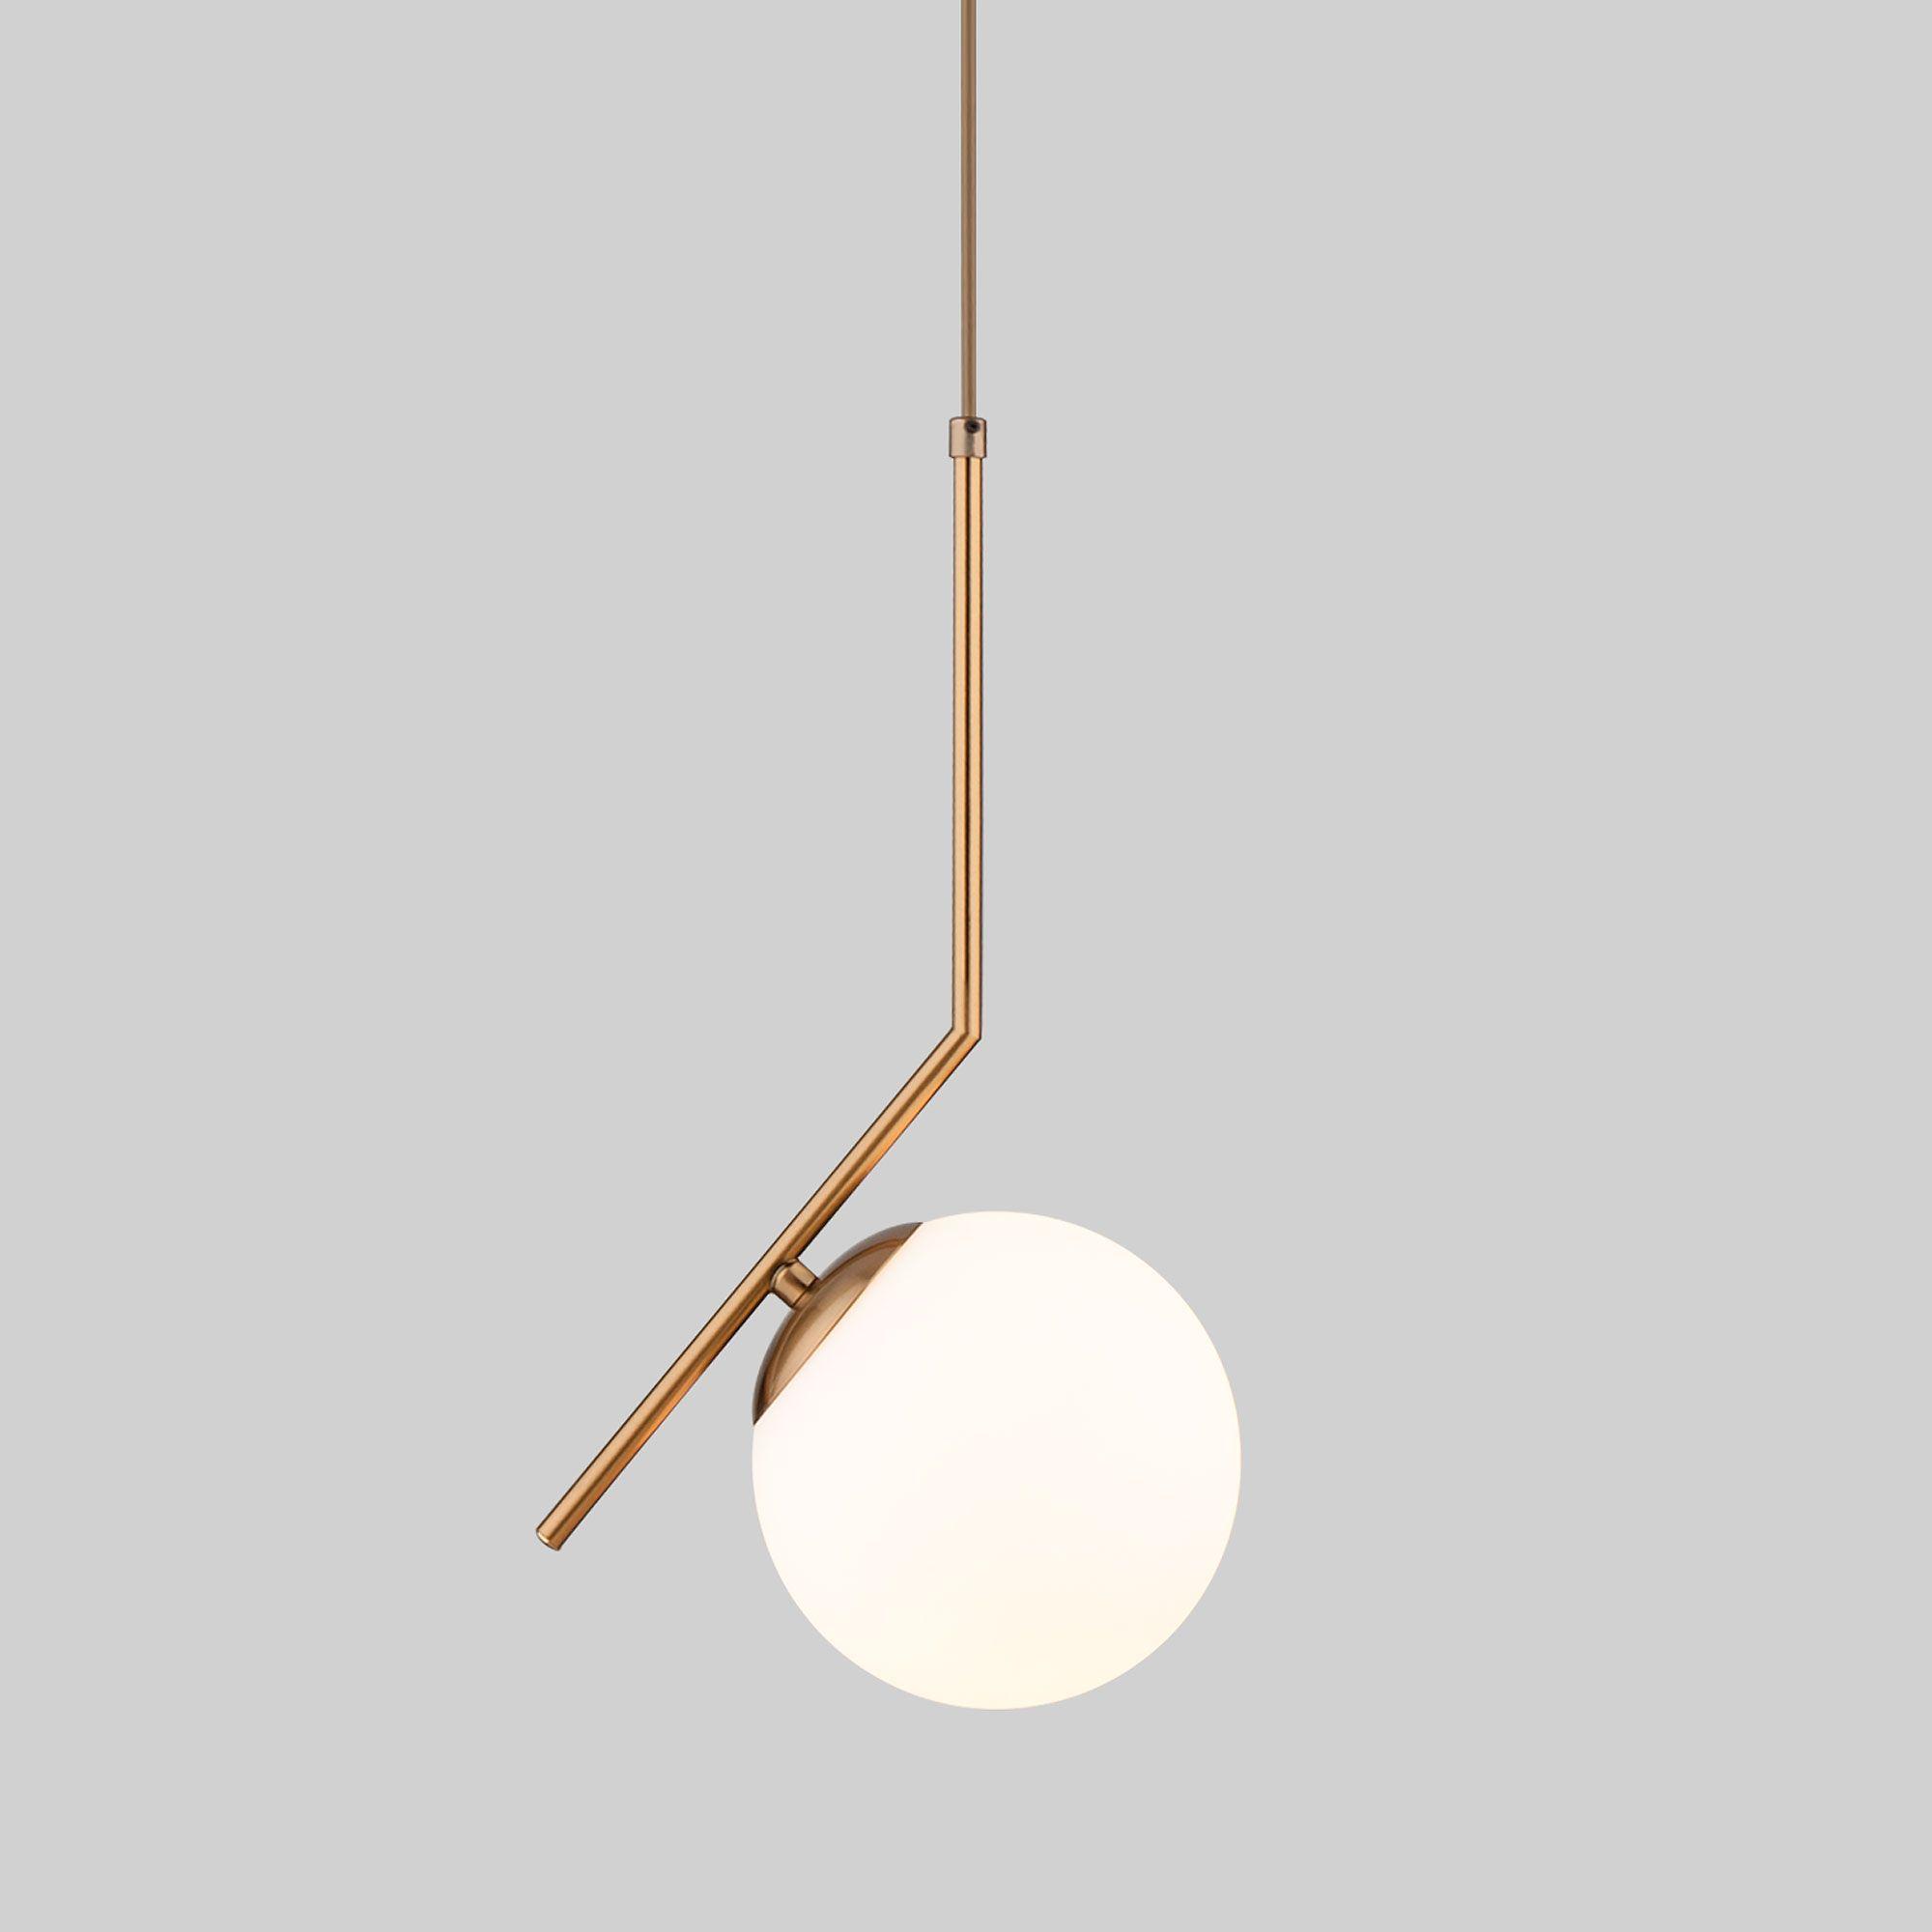 Подвесной светильник с длинным тросом 1,8м 50159/1 латунь